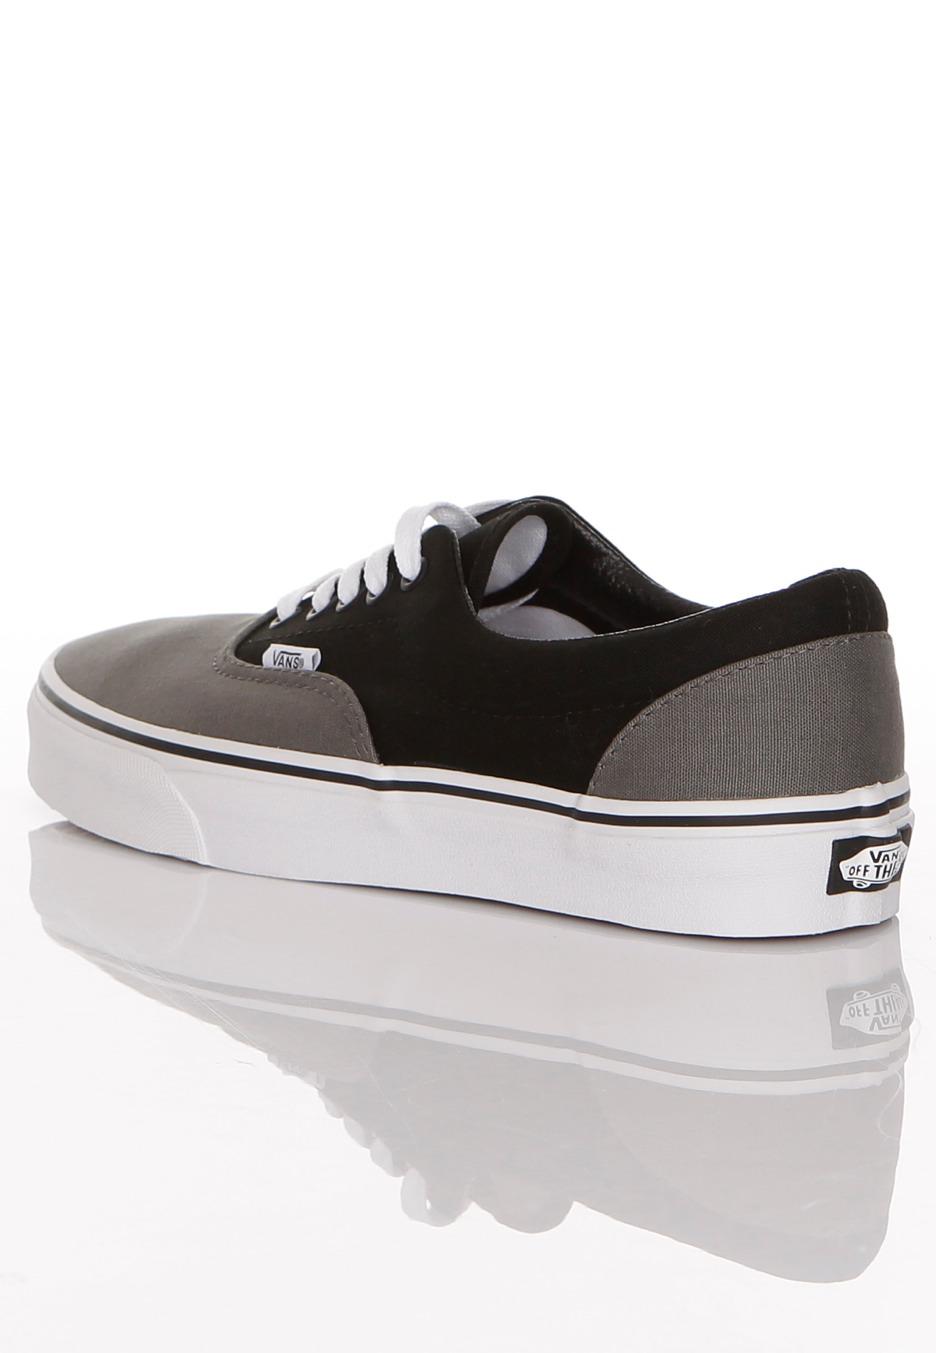 Vans - Era Pewter/Black - Shoes